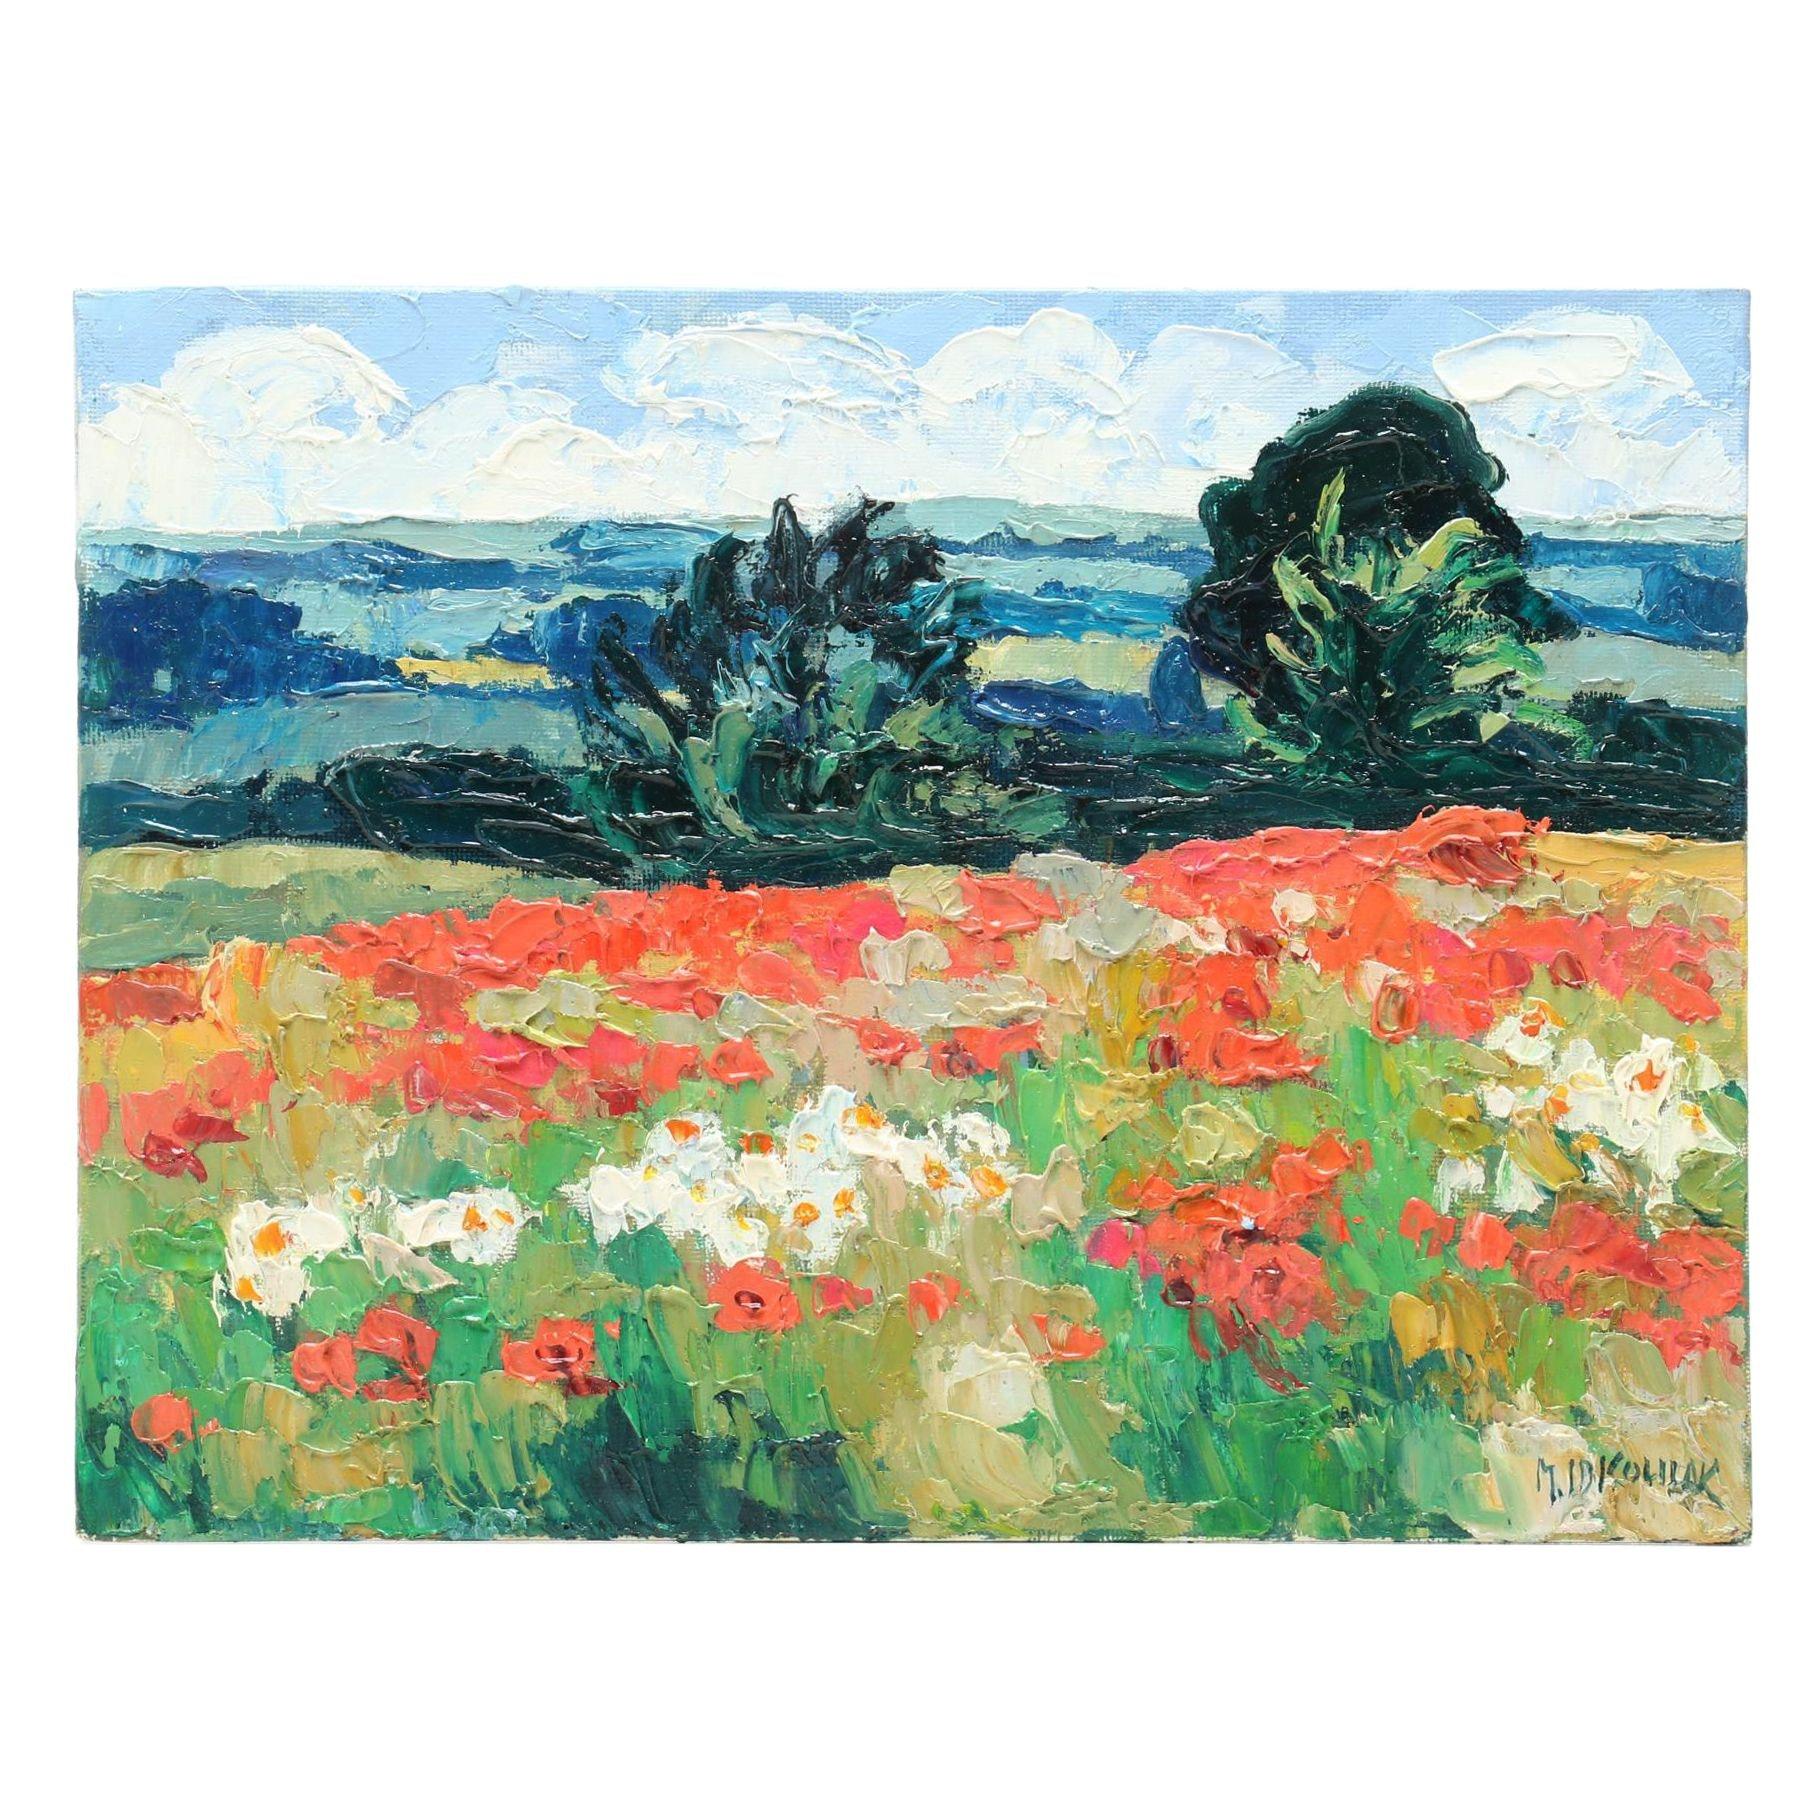 Mario Idkowiak Oil Landscape Painting